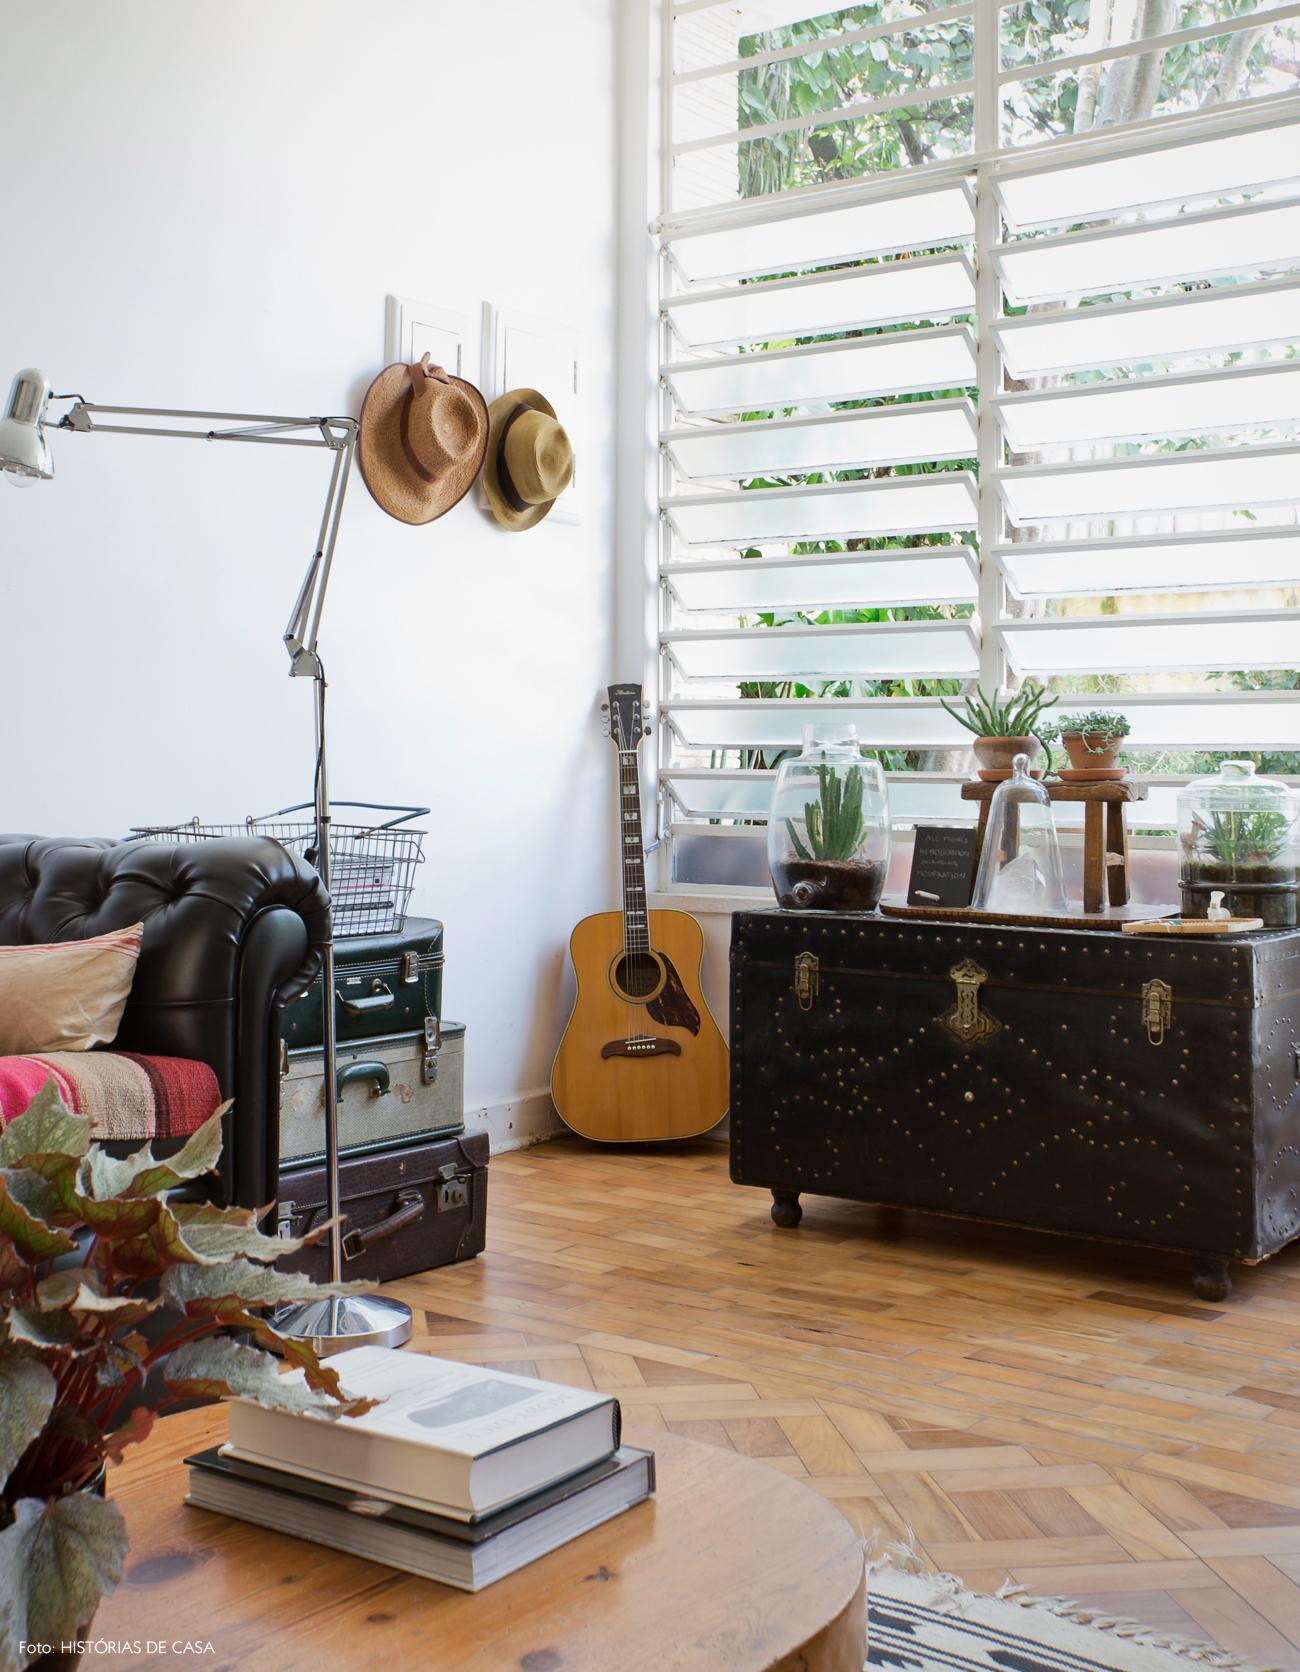 09-decoracao-sala-estar-janela-antiga-bau-vintage-couro